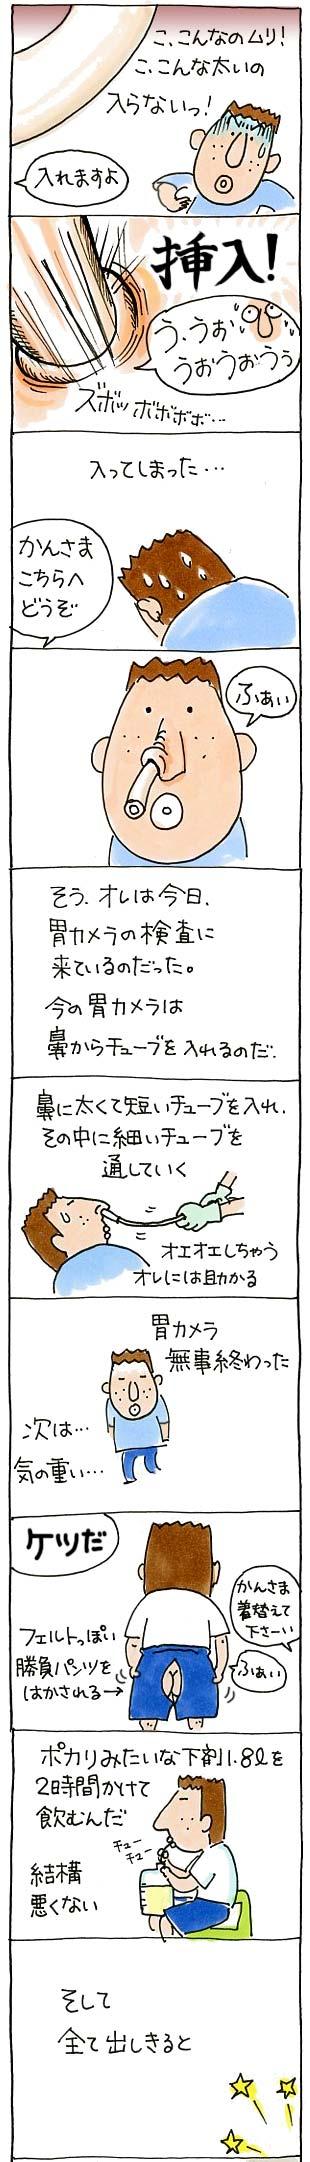 かんちゃんレポート02